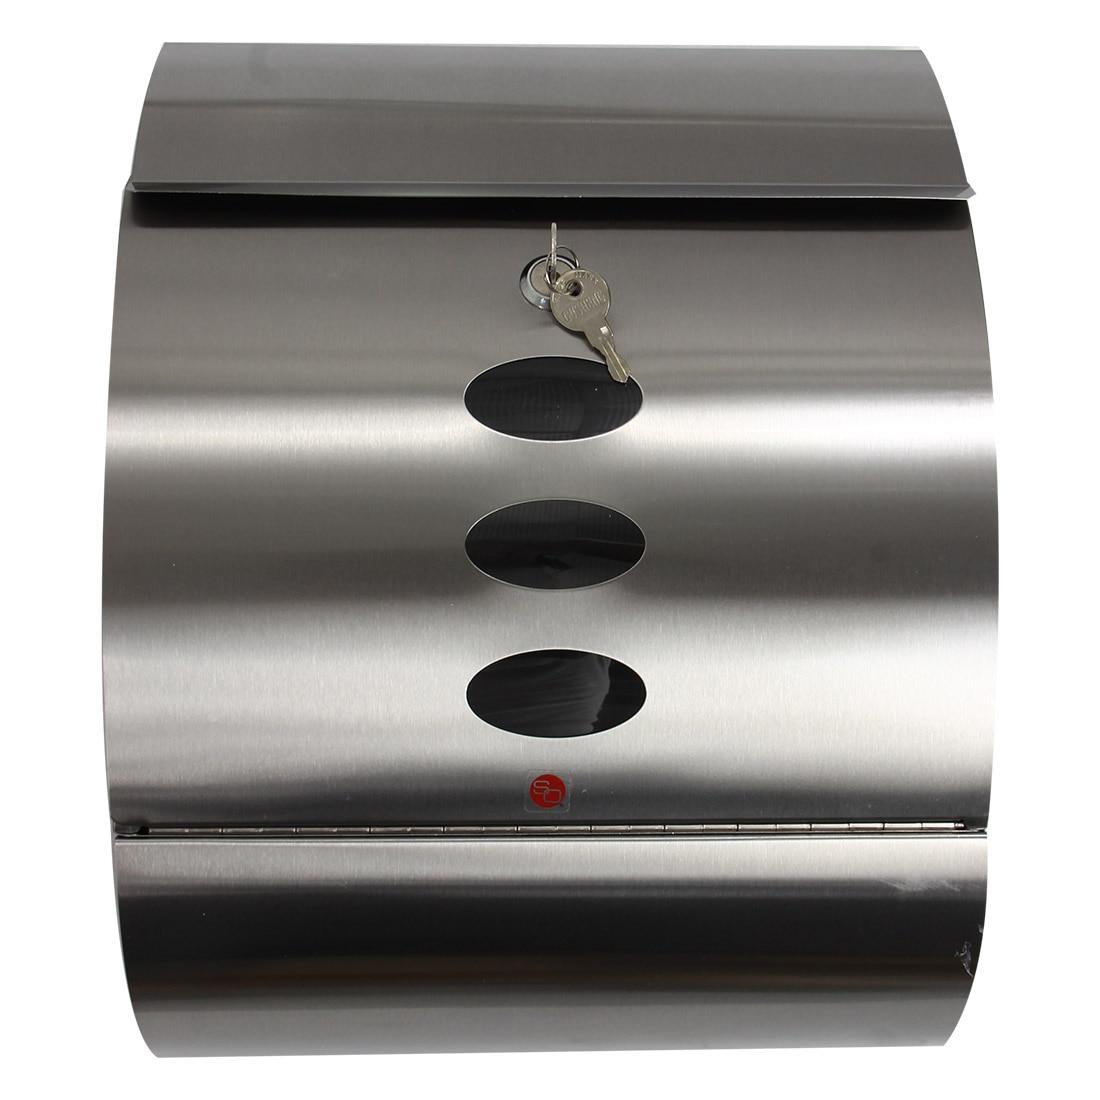 Mailbox stainless steel locking mail box letterbox postal box modern - Stainless Steel Mailbox